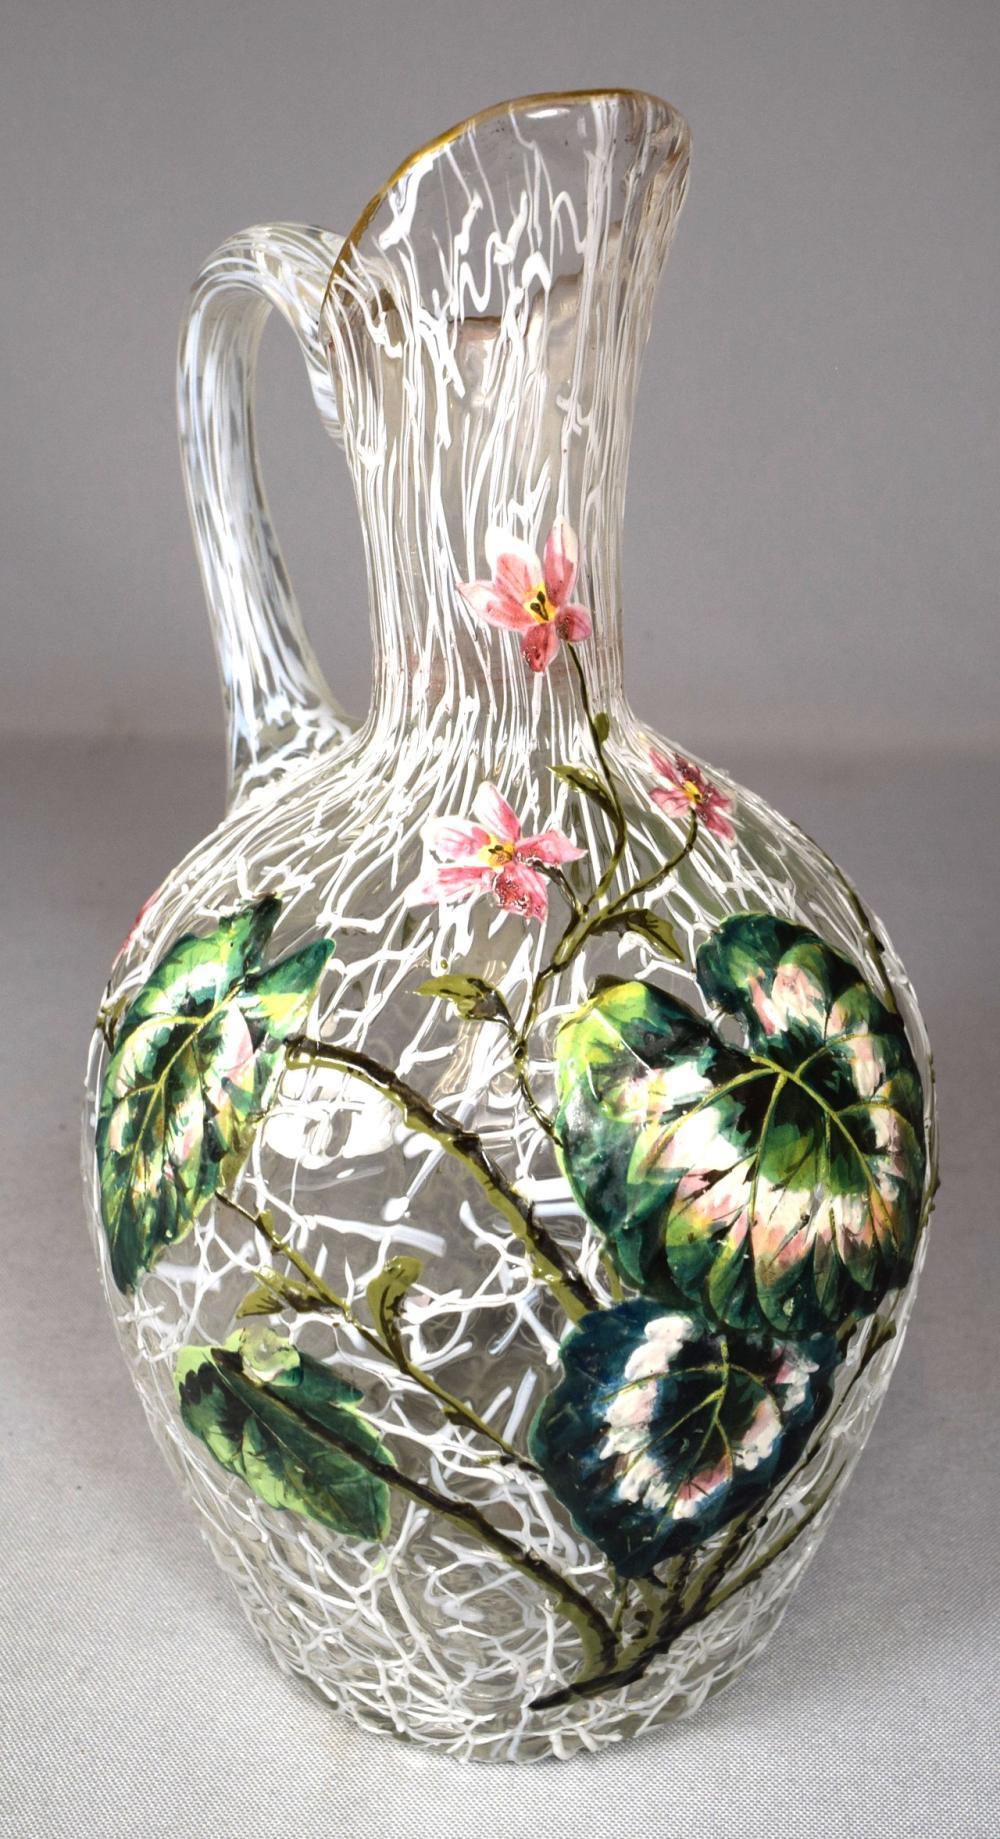 RARE 1800s BOHEMIAN PELOTON ART GLASS HARRACH THREAD & ENAMEL